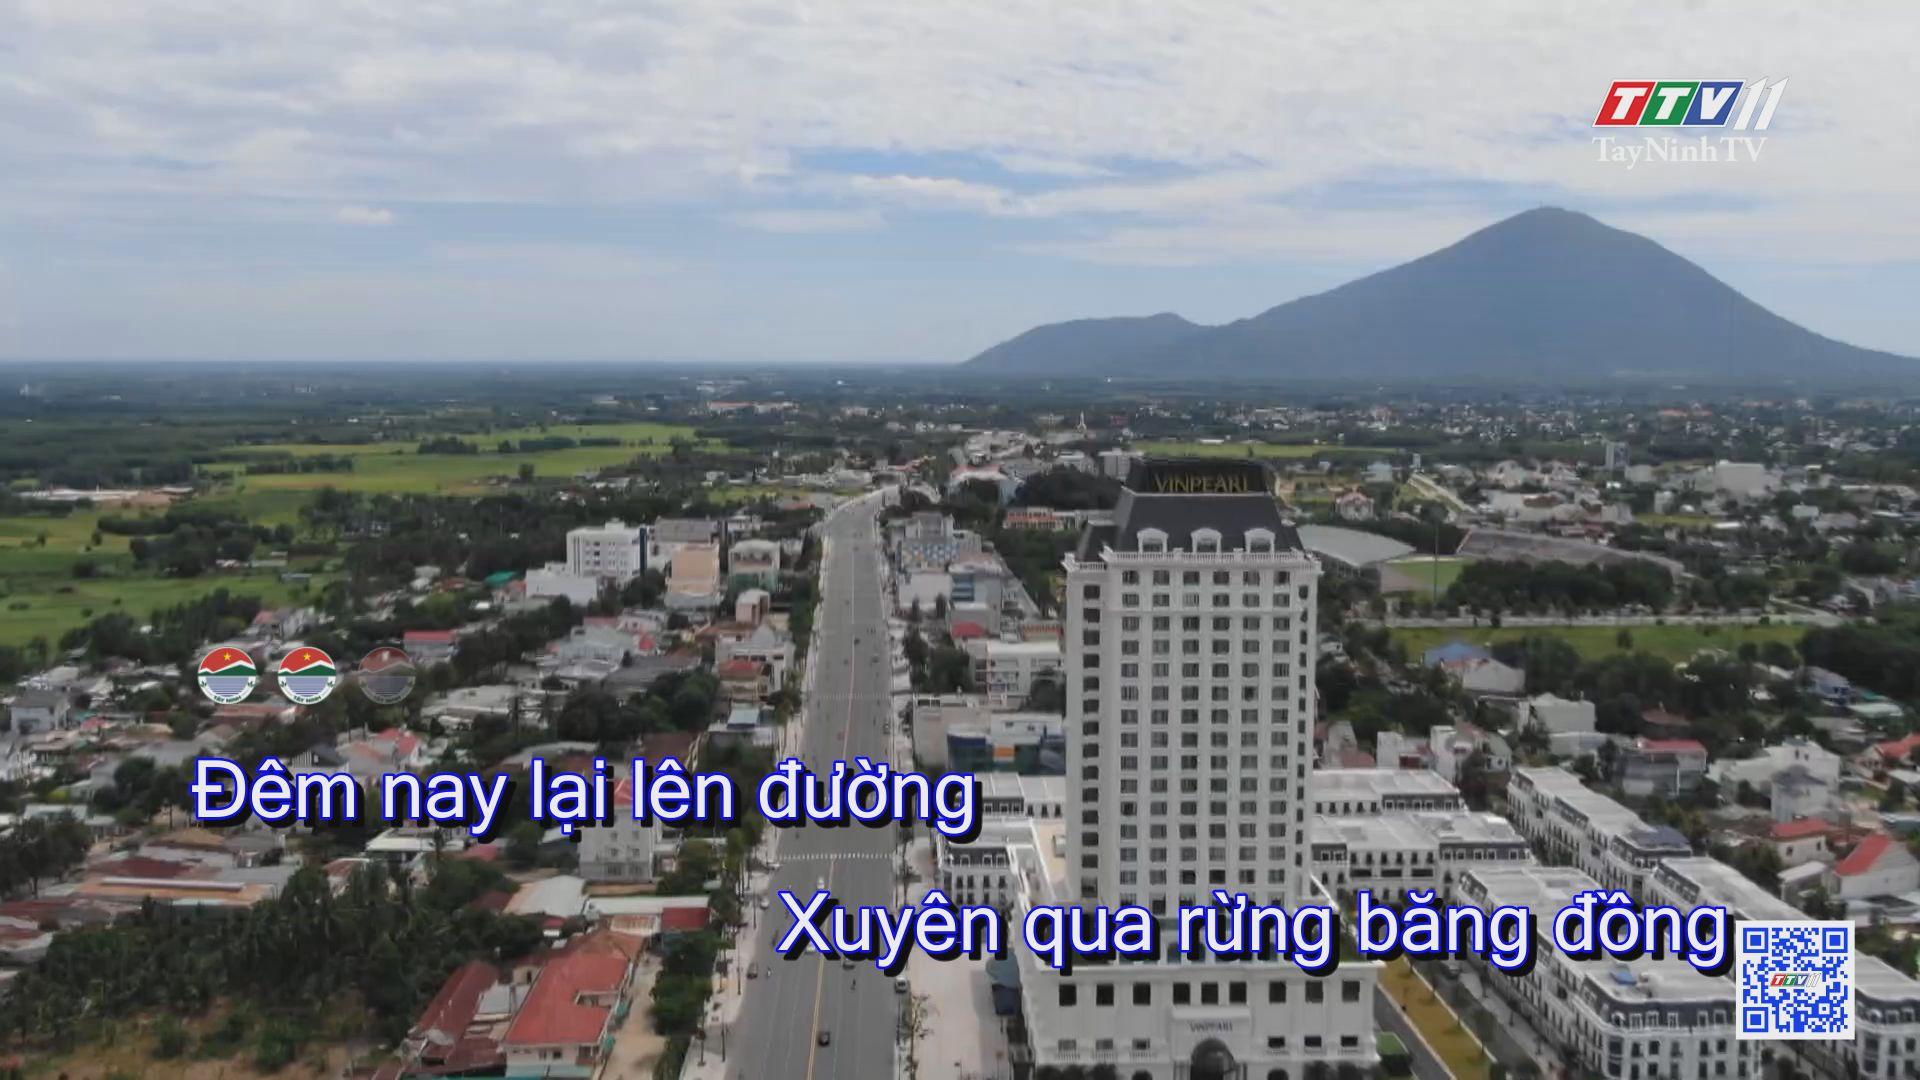 Tây Ninh rực lửa tiến công KARAOKE | Tuyển tập karaoke Tây Ninh tình yêu trong tôi | TayNinhTV